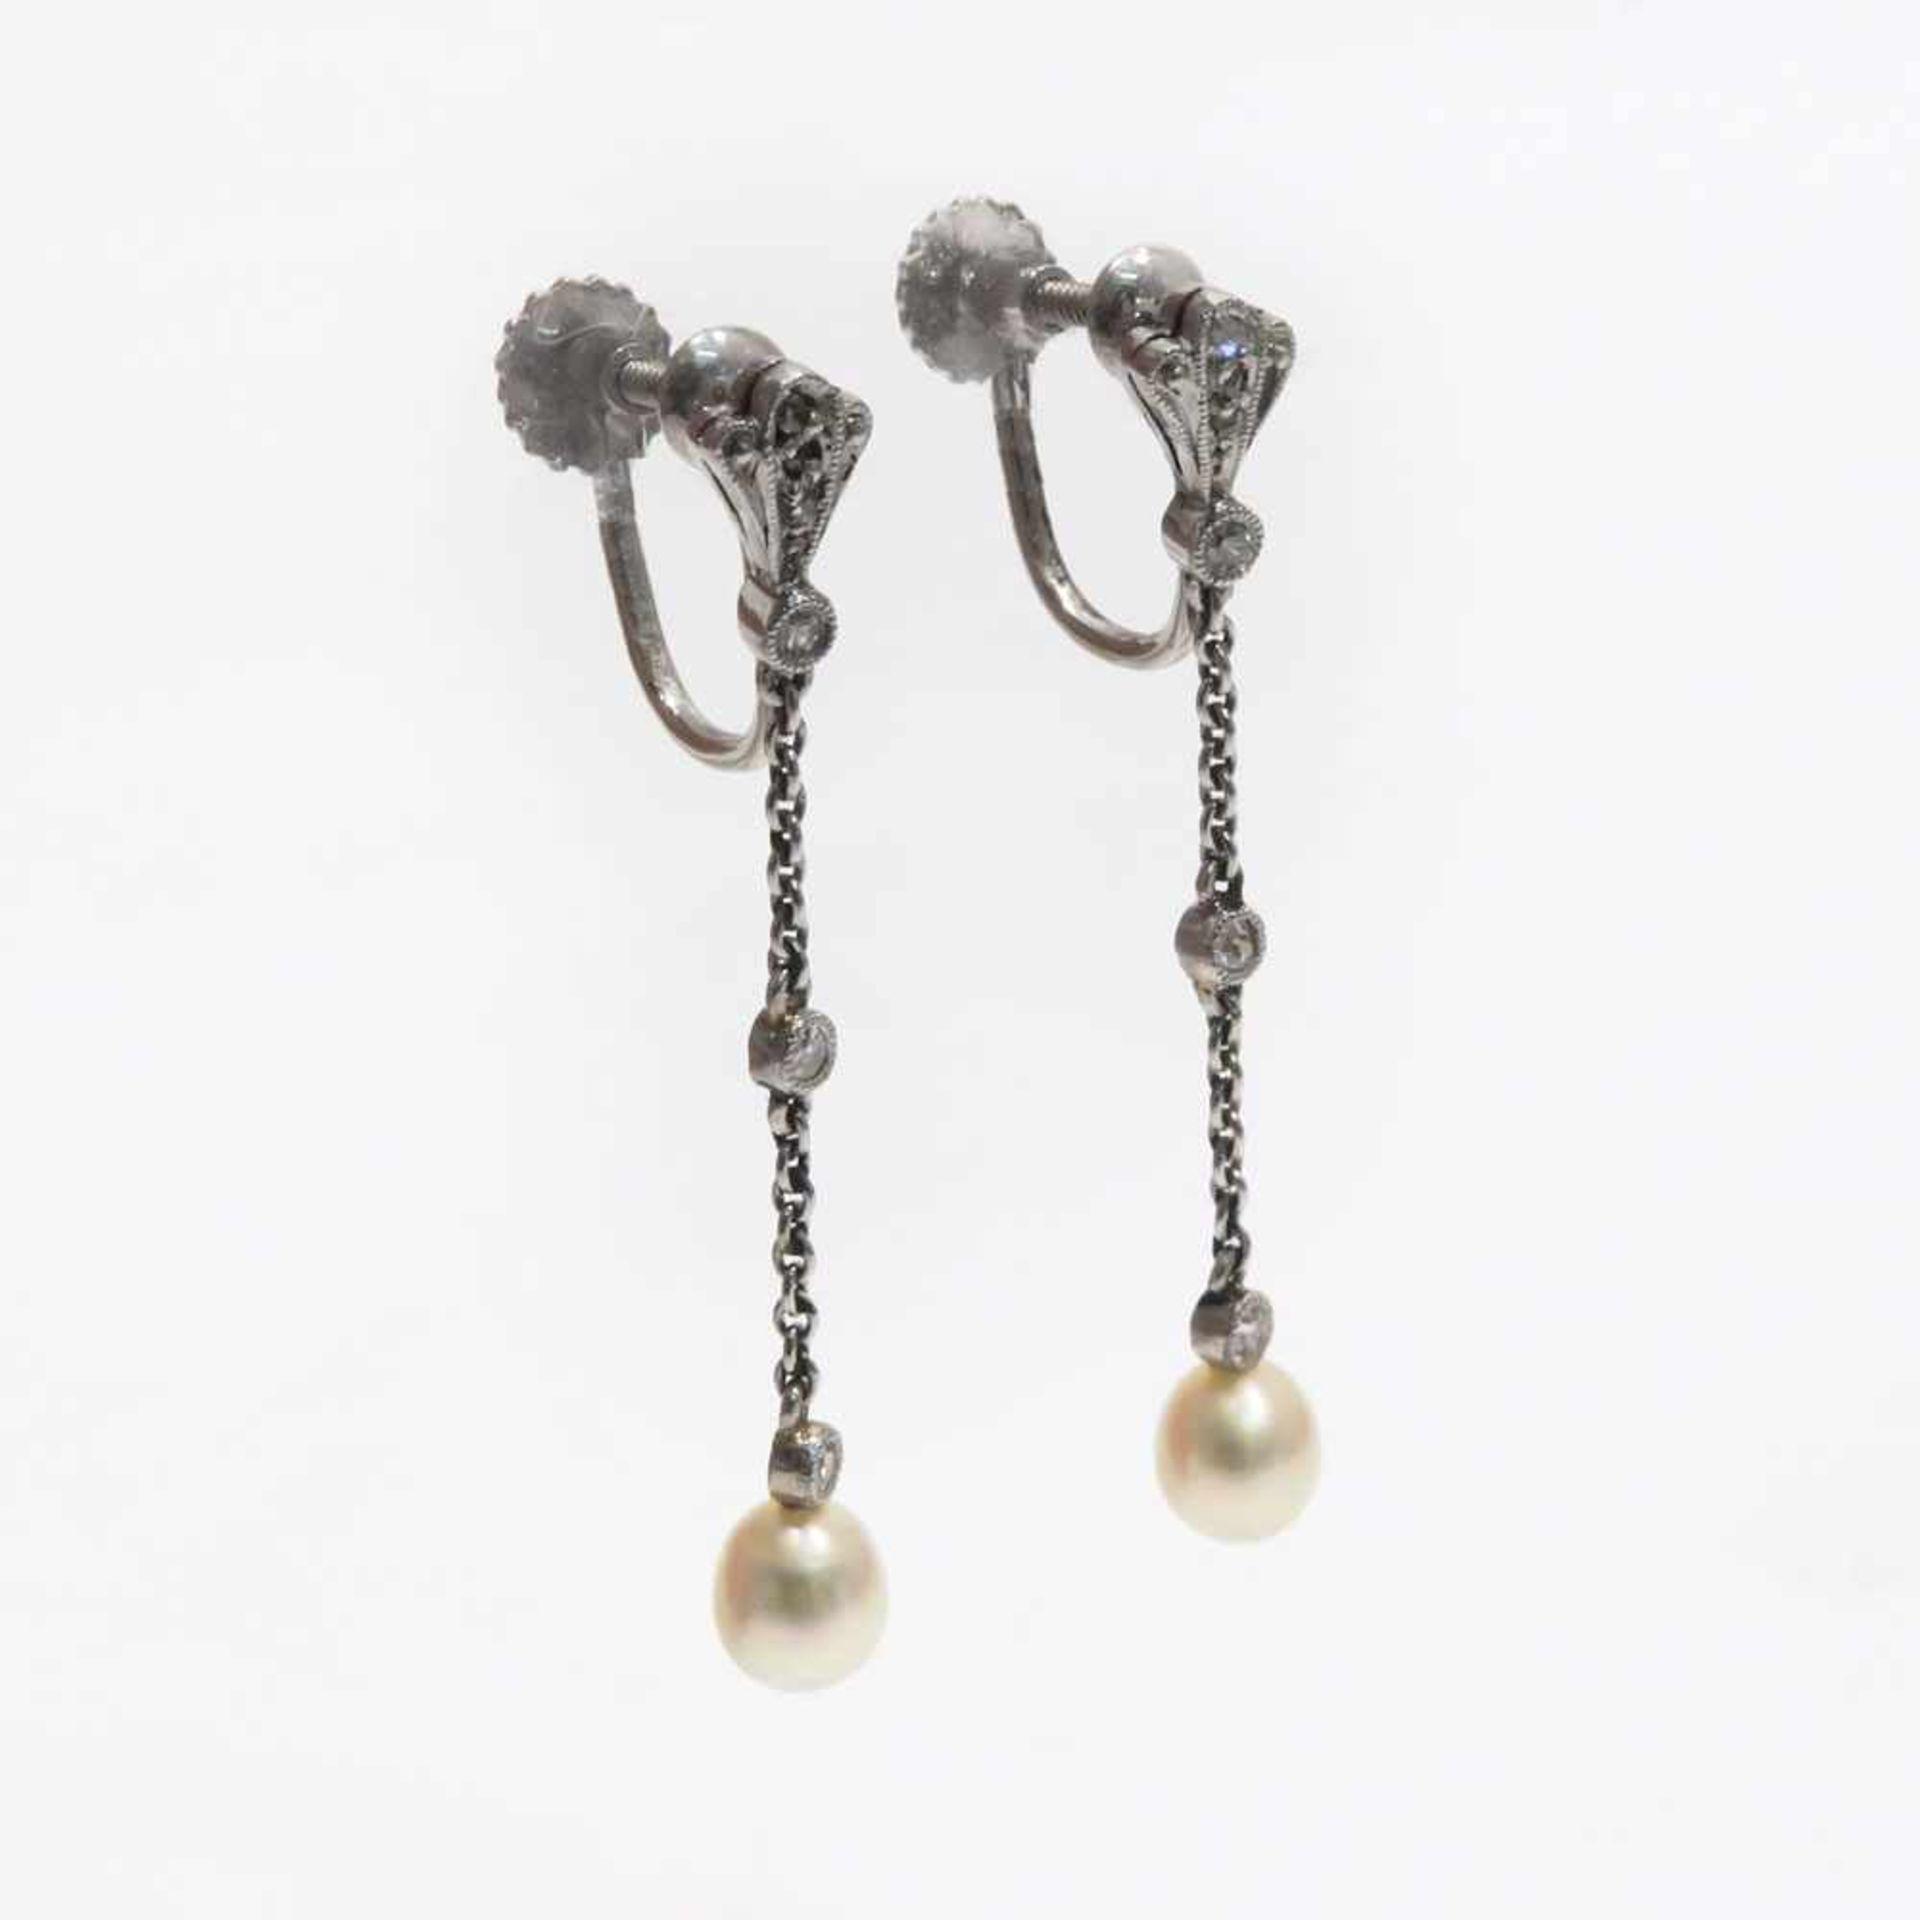 Ein Paar Ohrgehänge14 K WG, Marken (585). In Form zweier Kettchen mit Kleindiamanten besetzt und